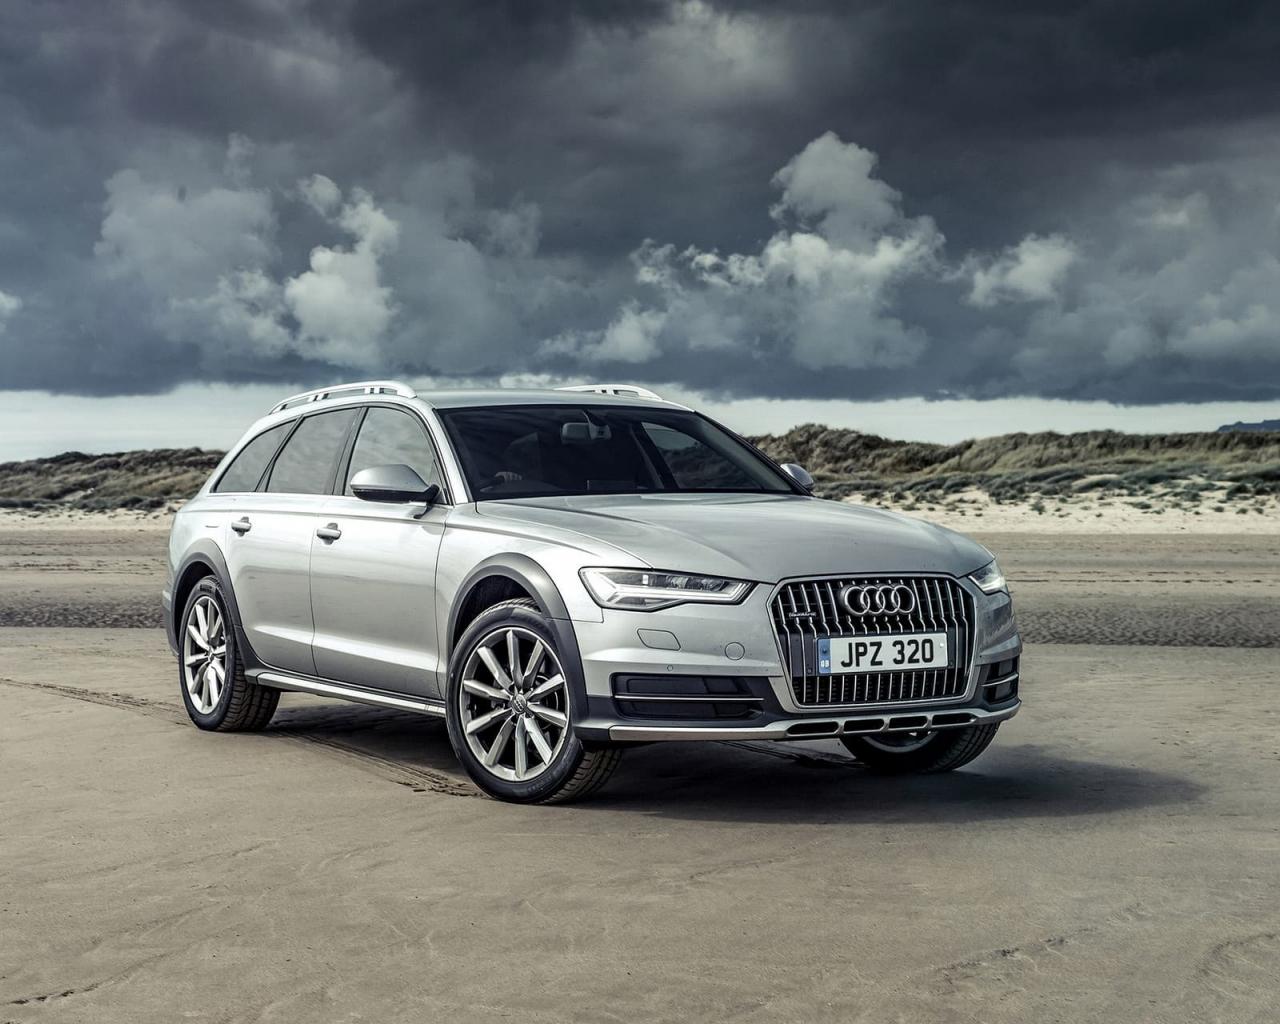 Kelebihan Kekurangan Audi A6 Allroad 2017 Perbandingan Harga